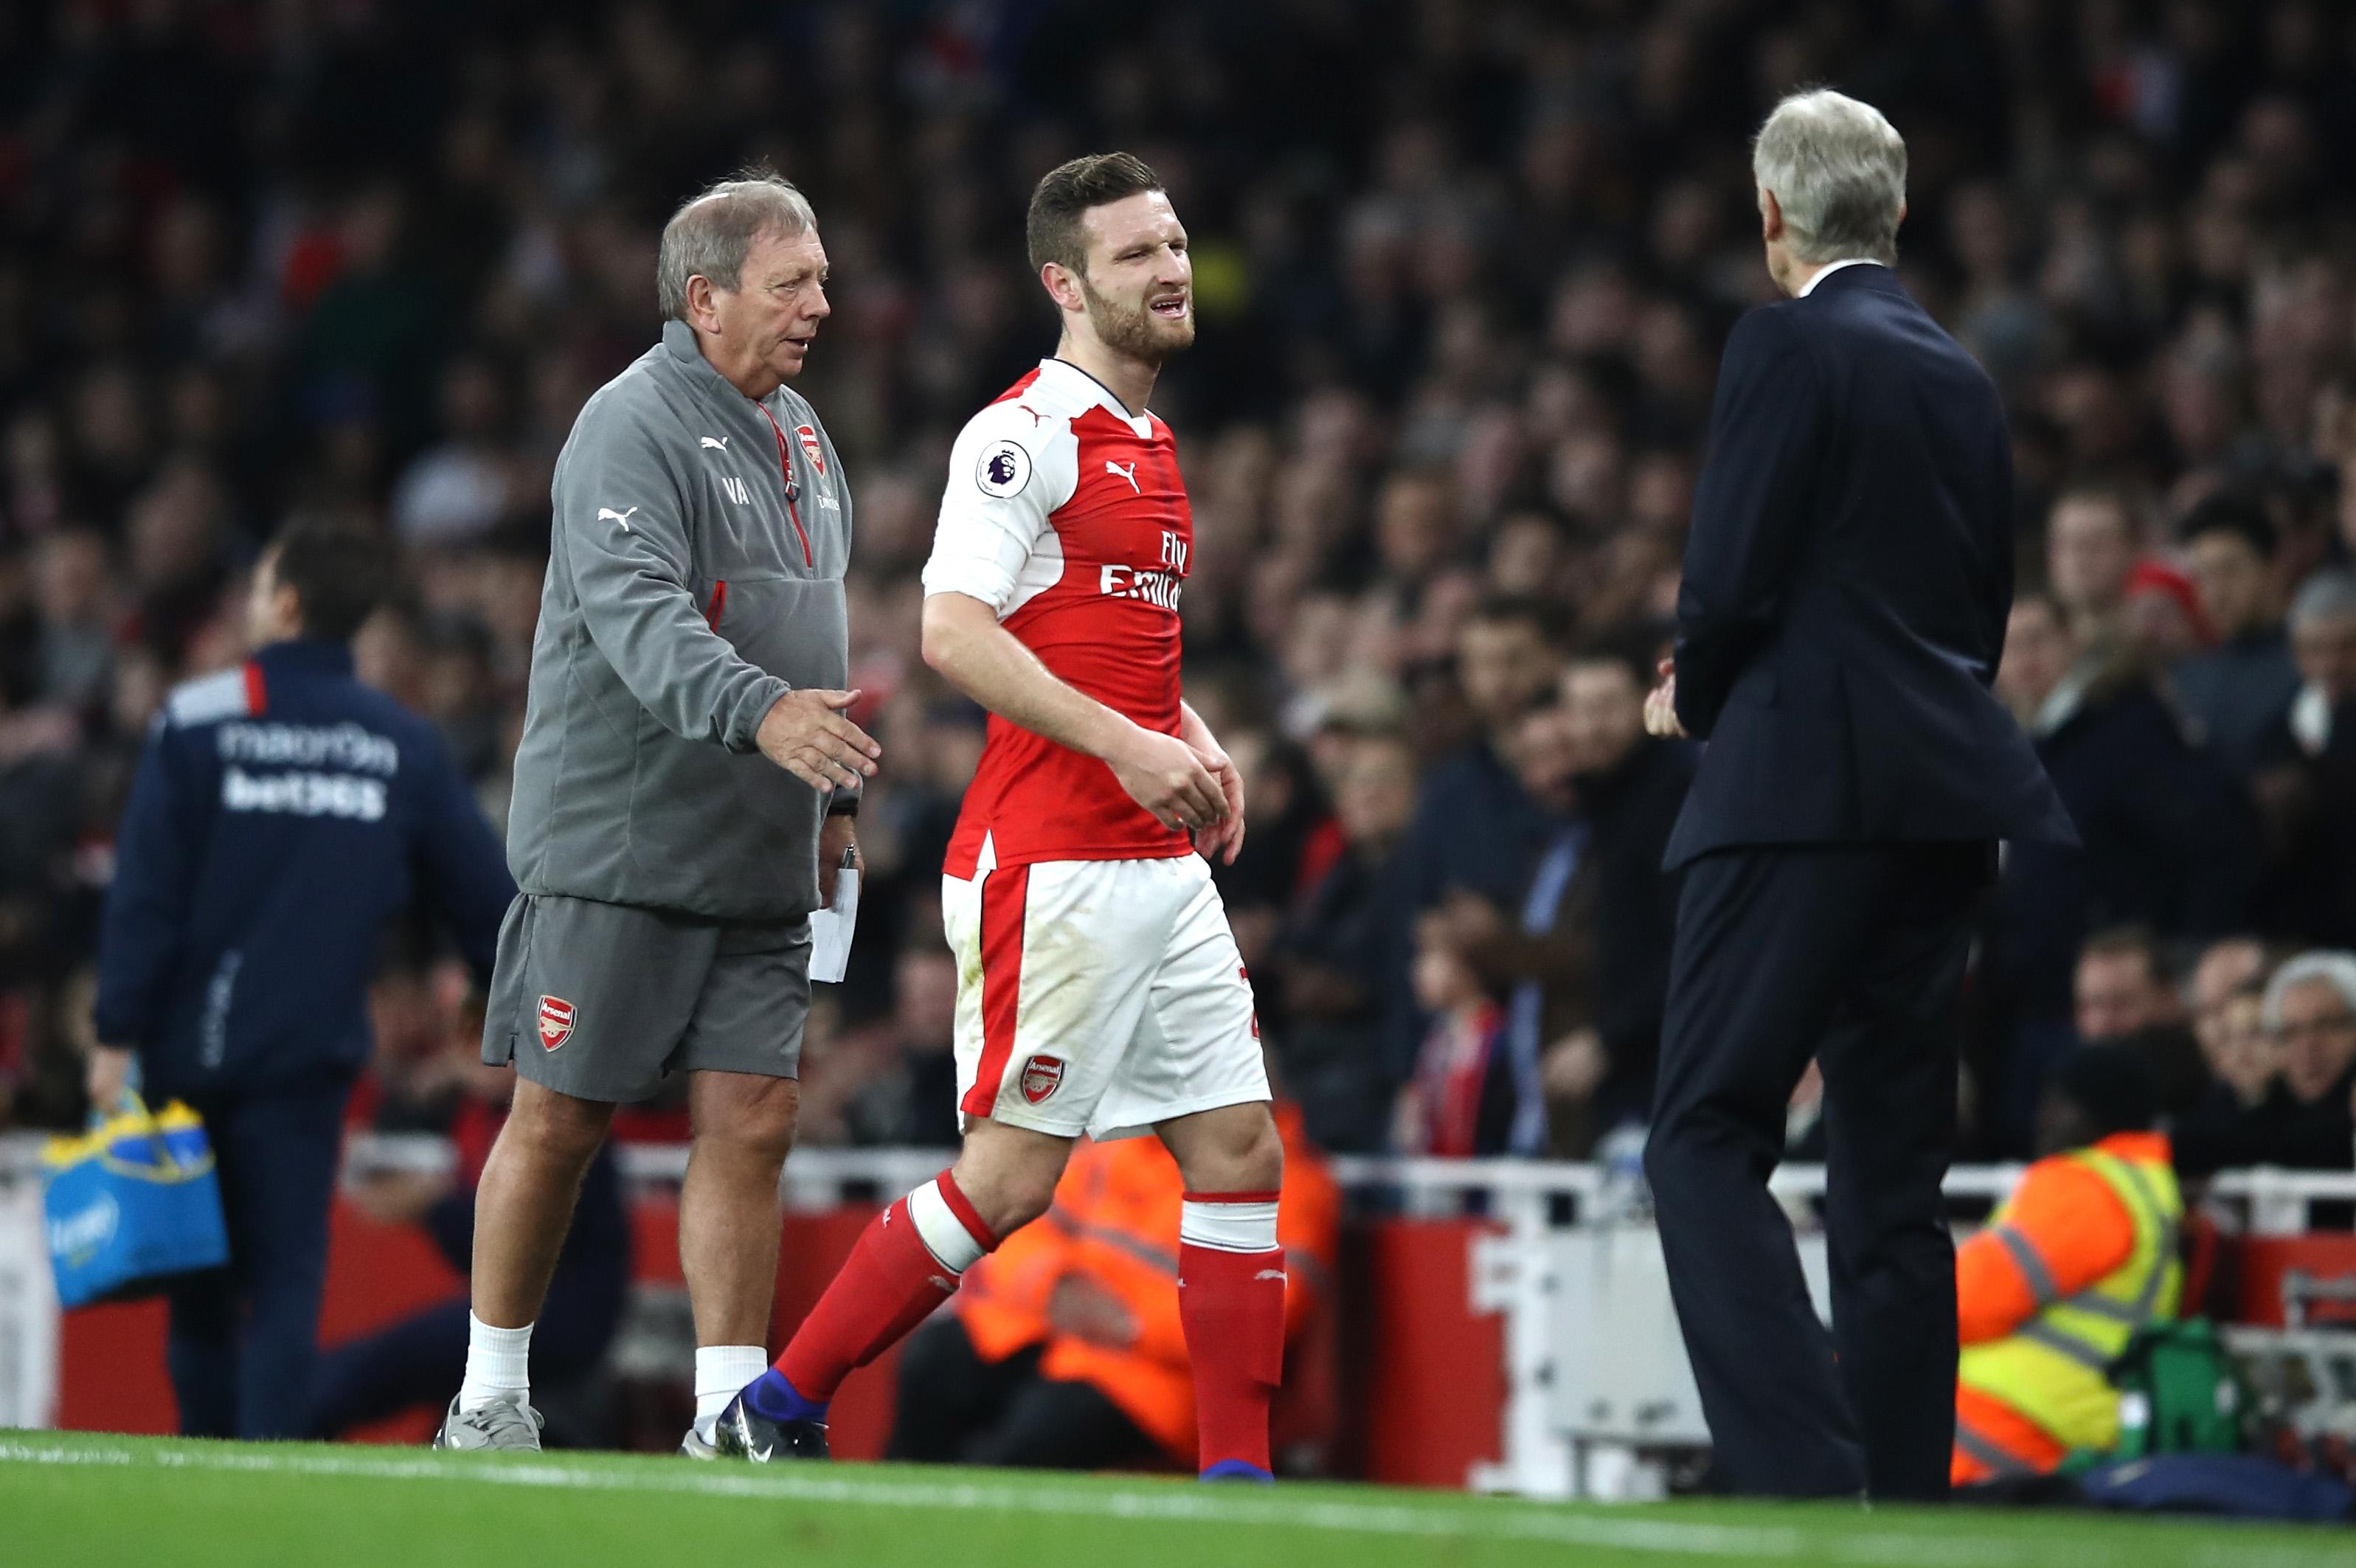 Arsenal boss Arsene Wenger confirms Shkodran Mustafi injury blow